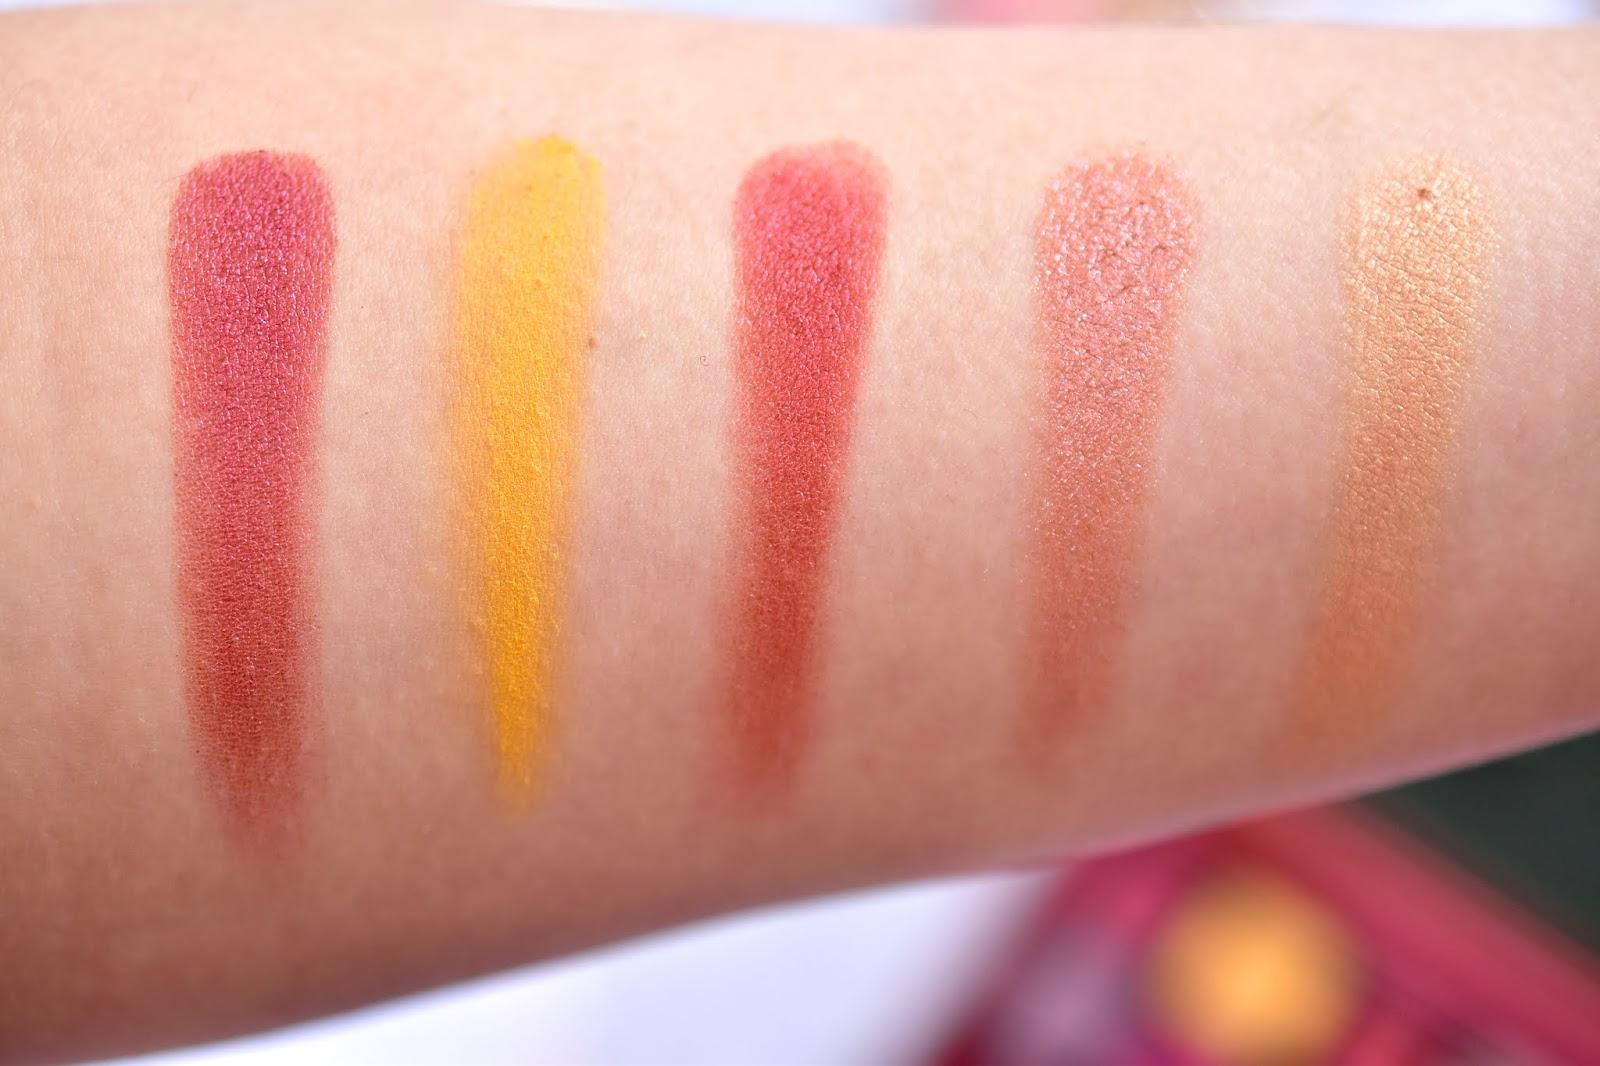 Natasha Denona Sunrise palette swatch